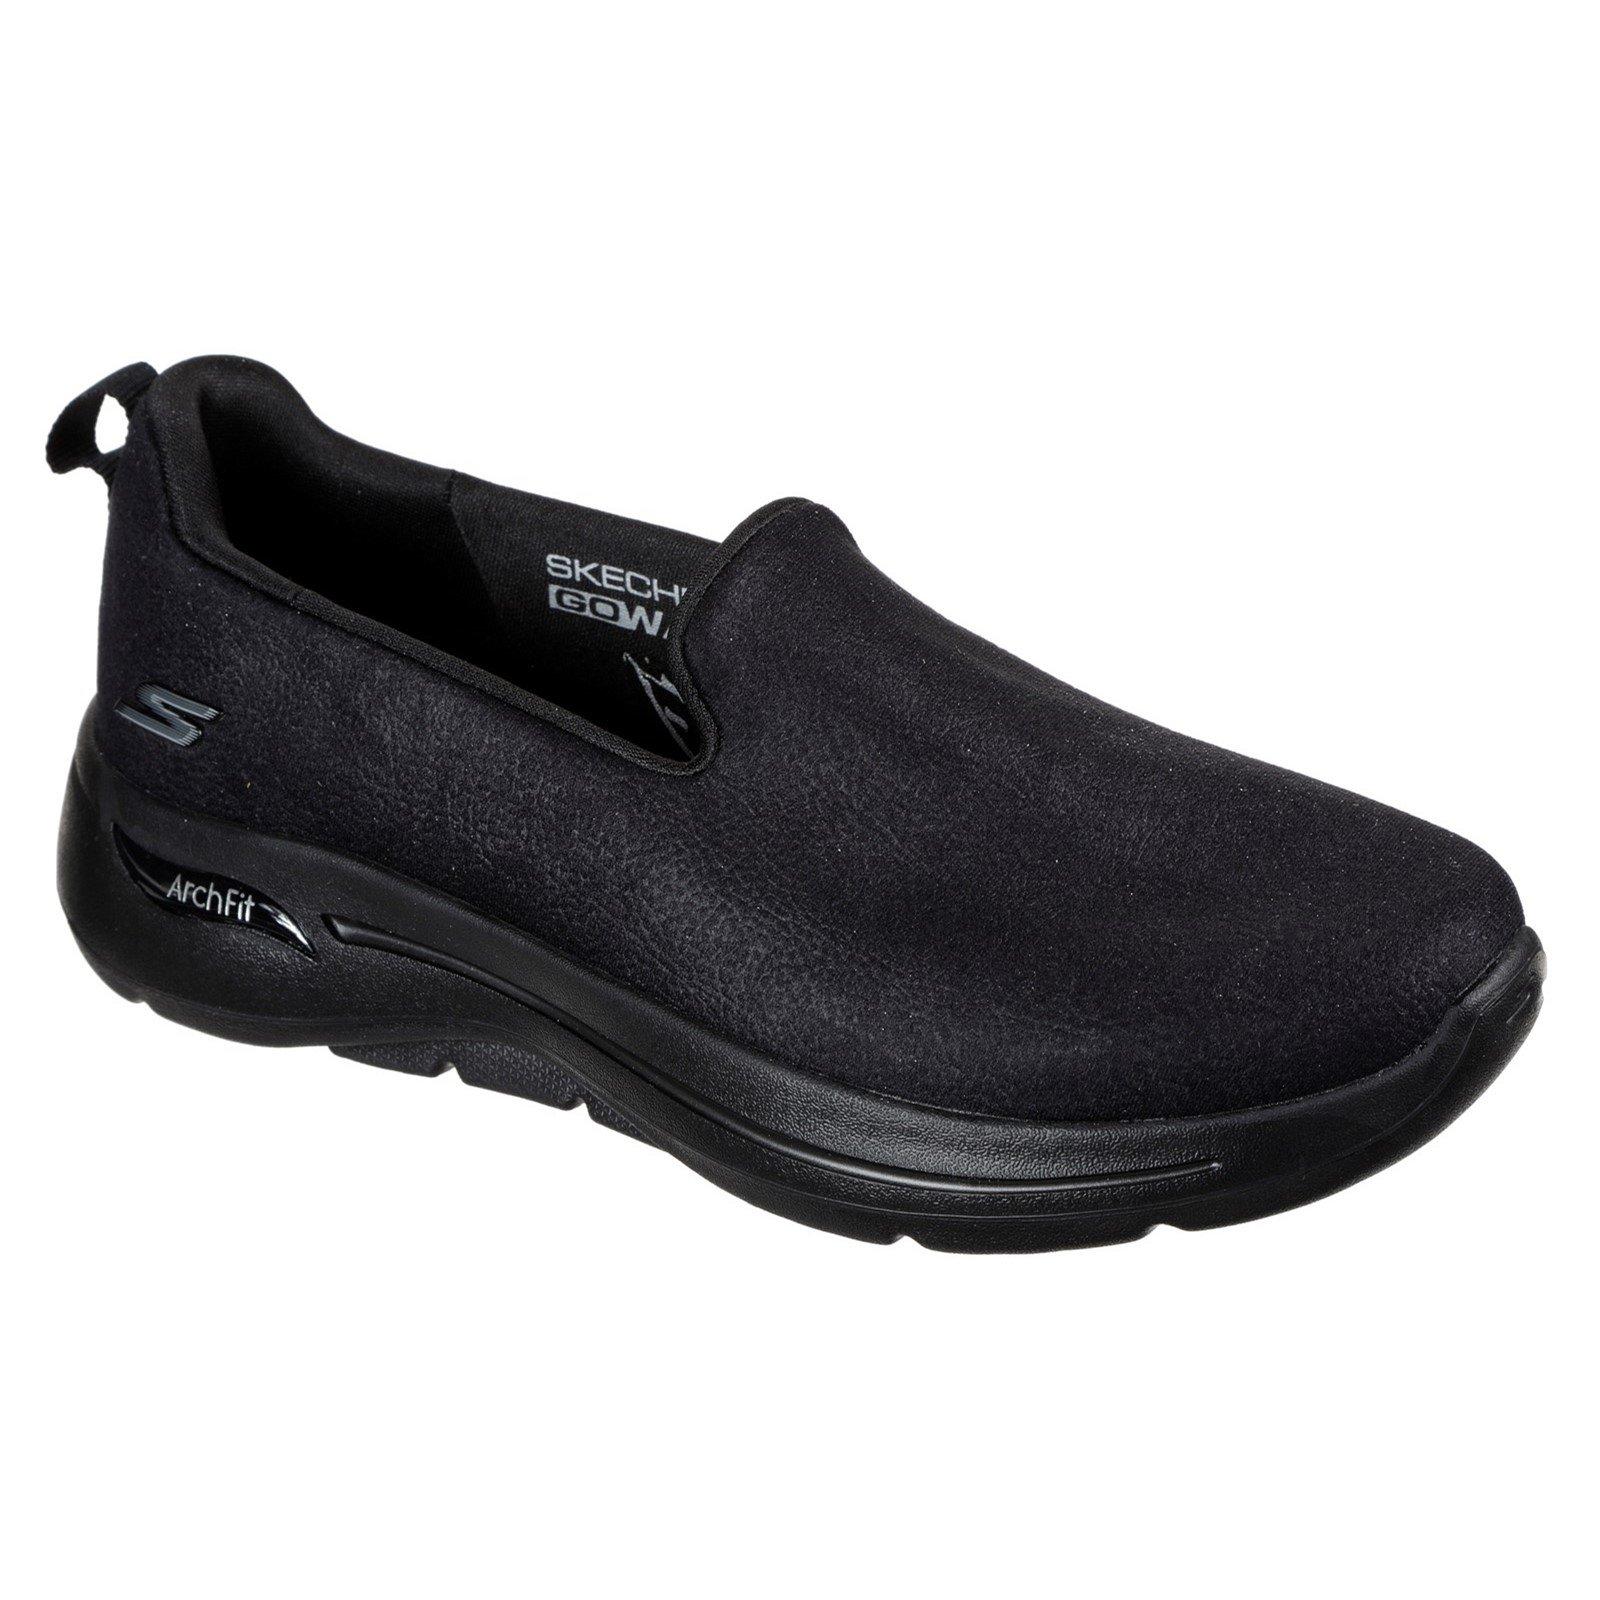 Skechers Women's Go Walk Arch Fit Smooth Voyage Trainer Black 32143 - Black 5